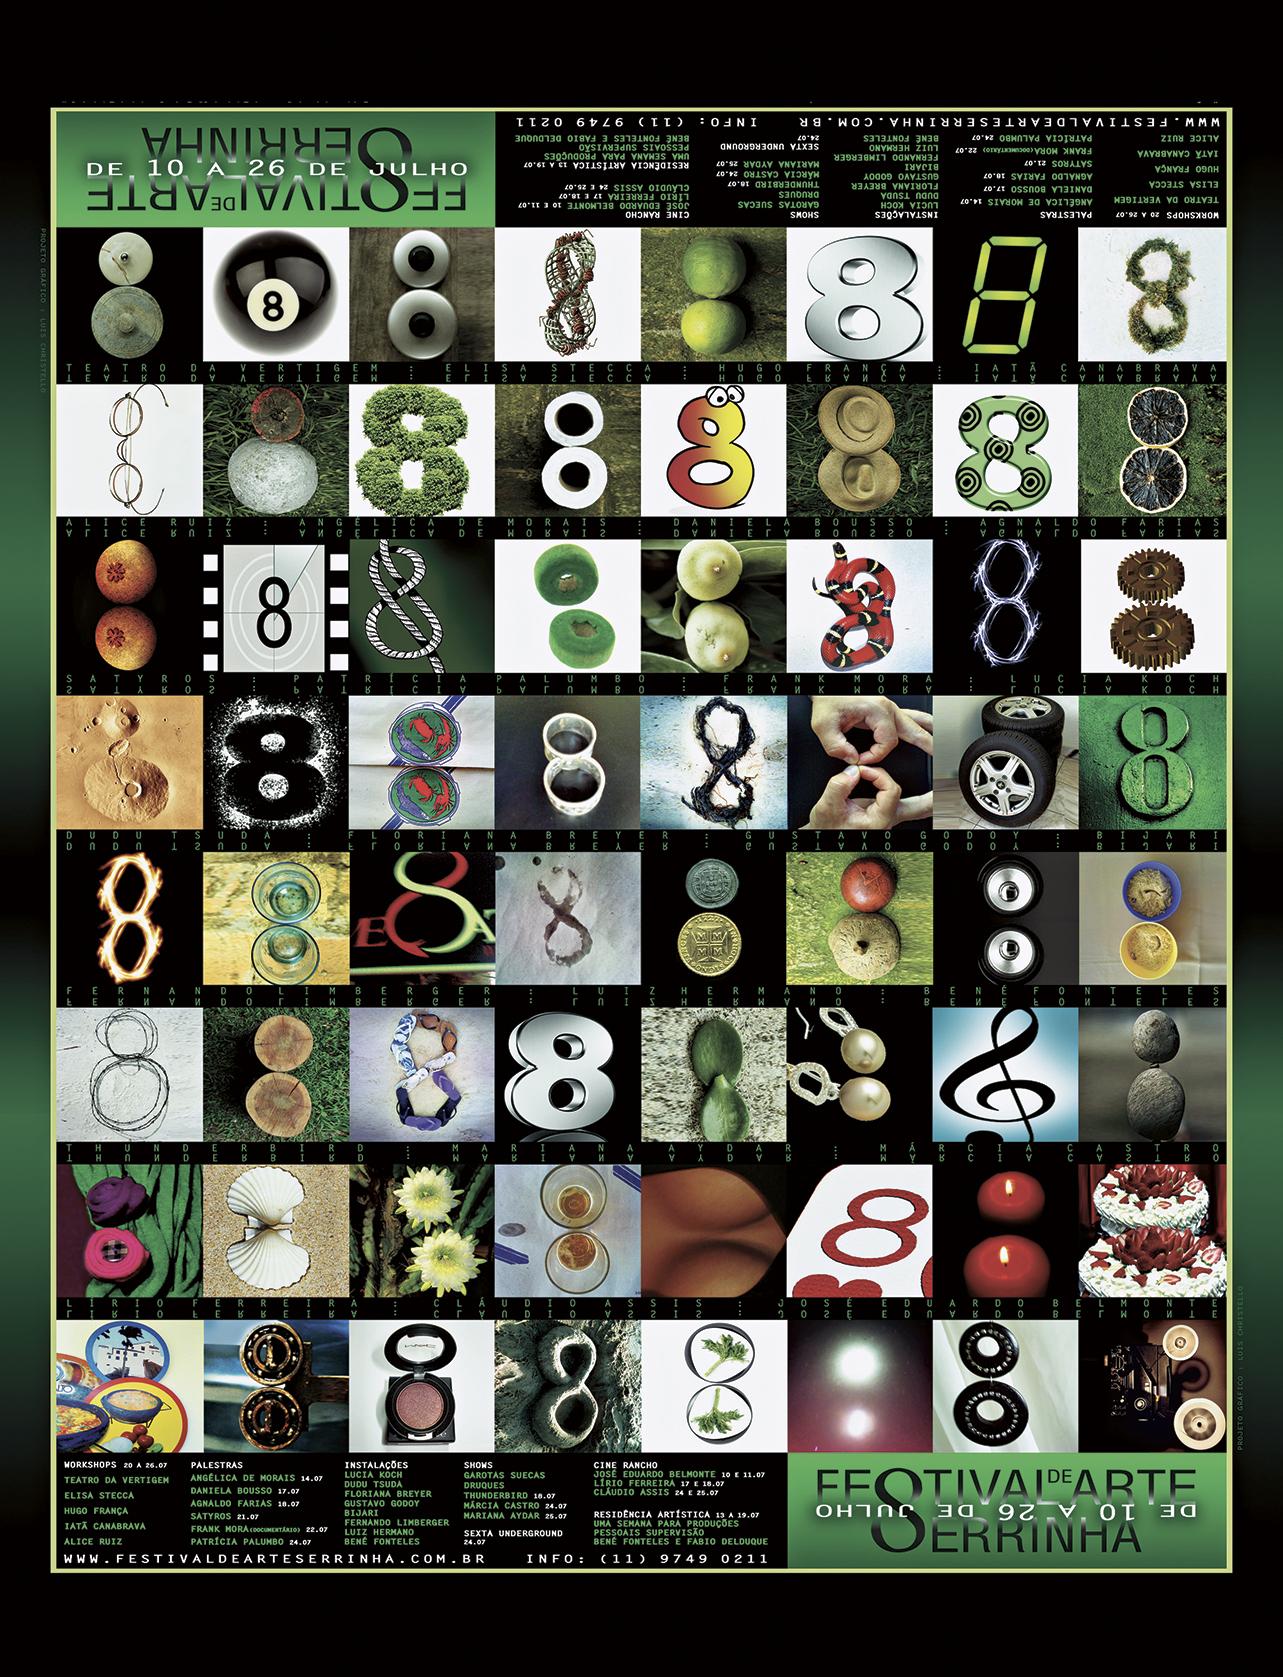 8º Edição/2009